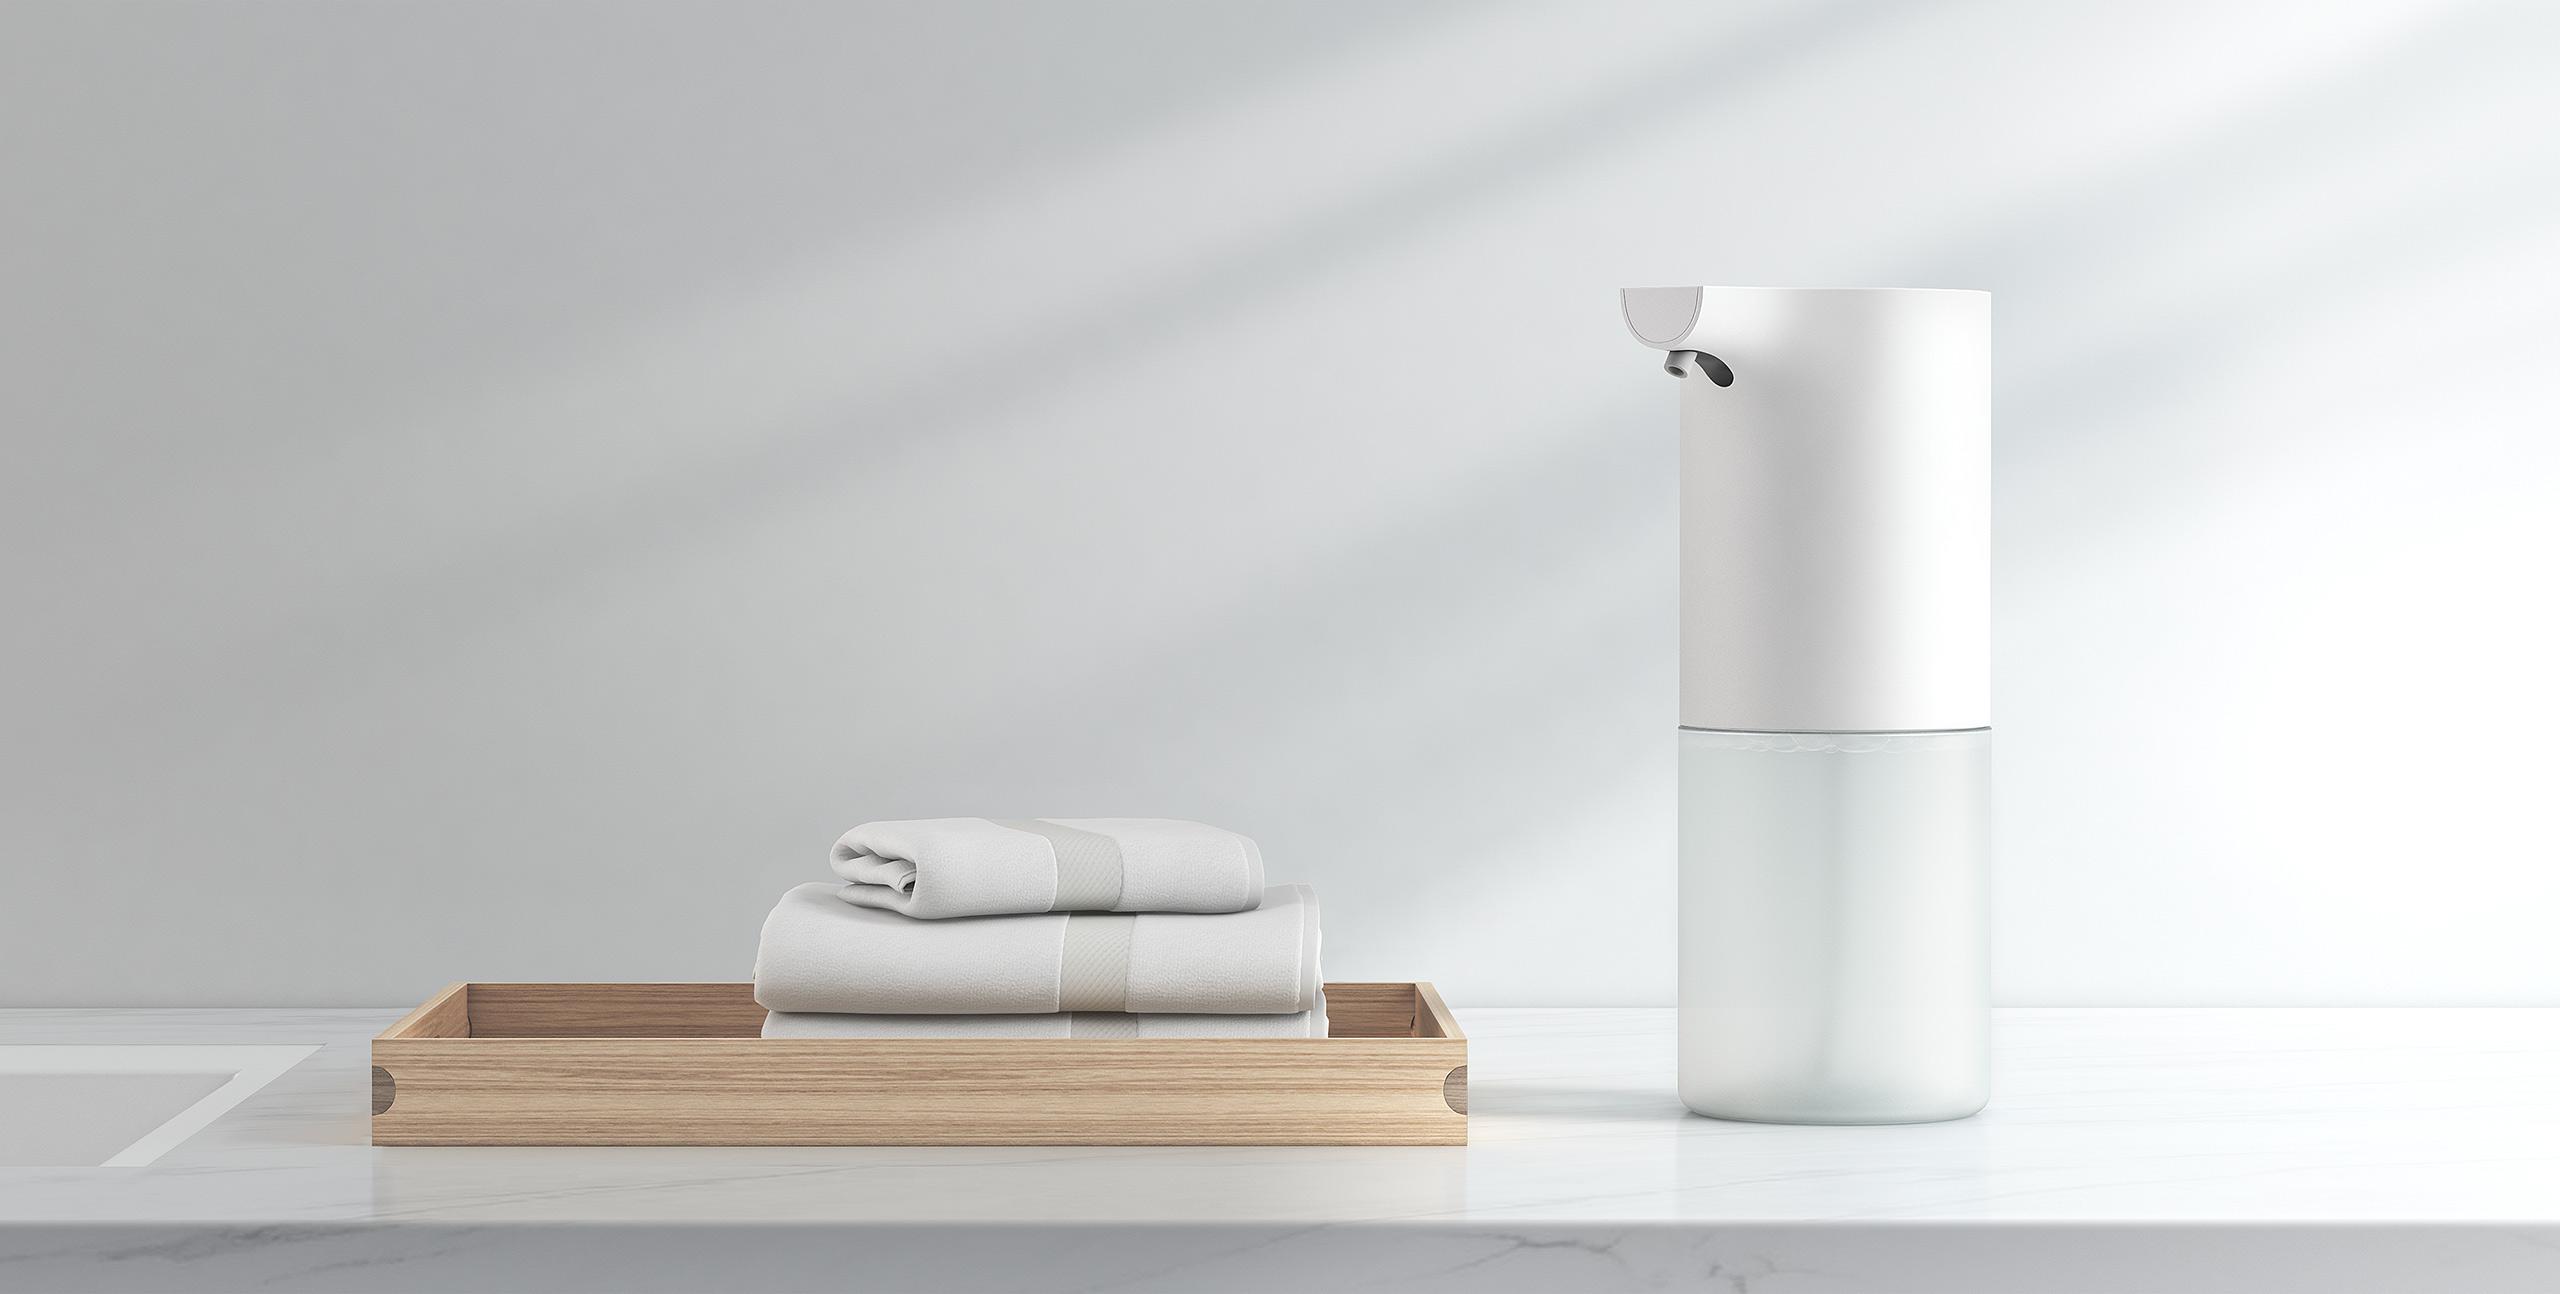 Mi India Smarter Living 2021 : Mi Automatic Soap Dispenser